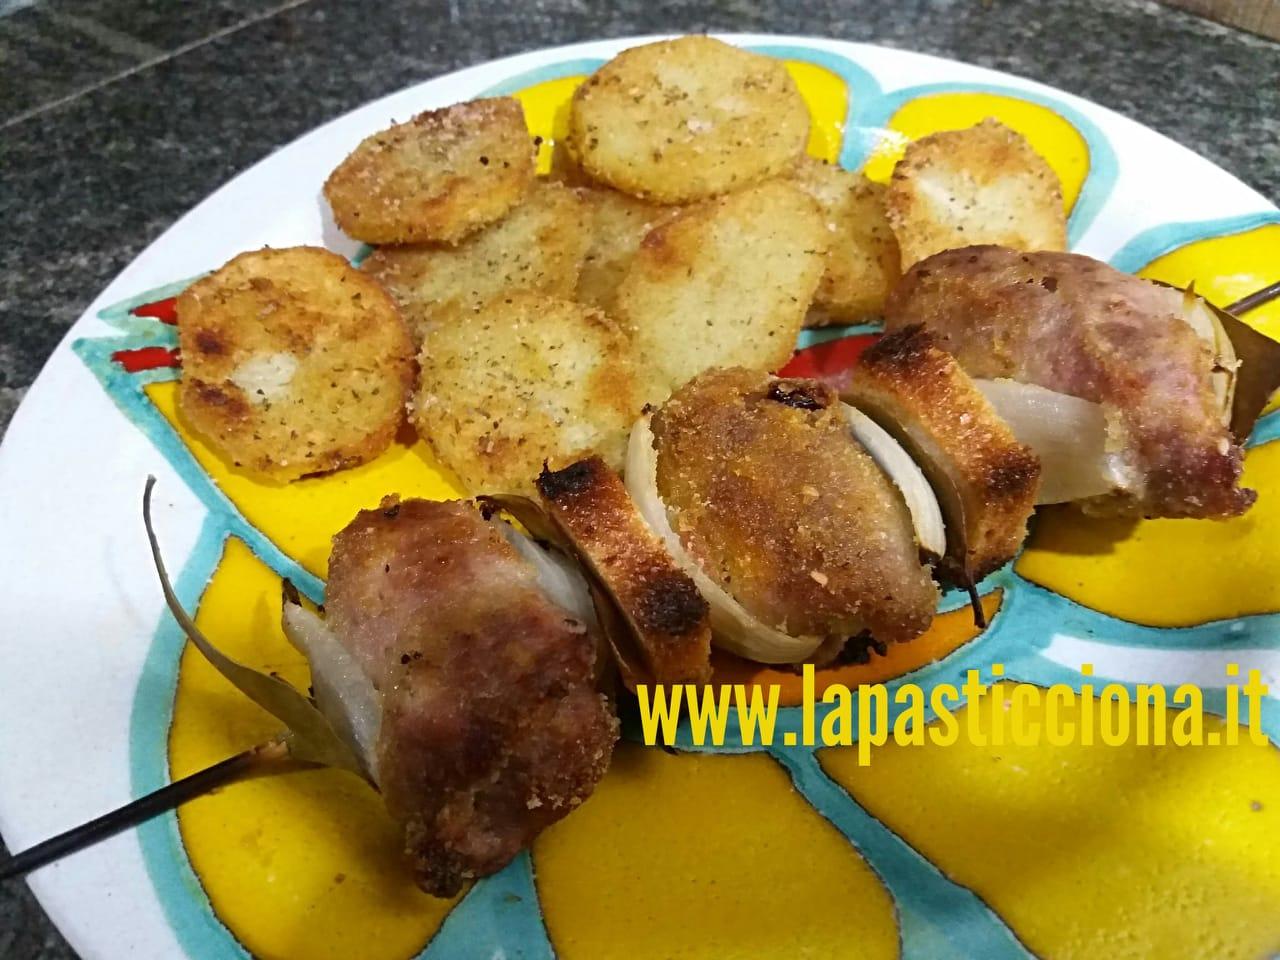 Spitini di  carni (involtini di carne) al forno alla siciliana